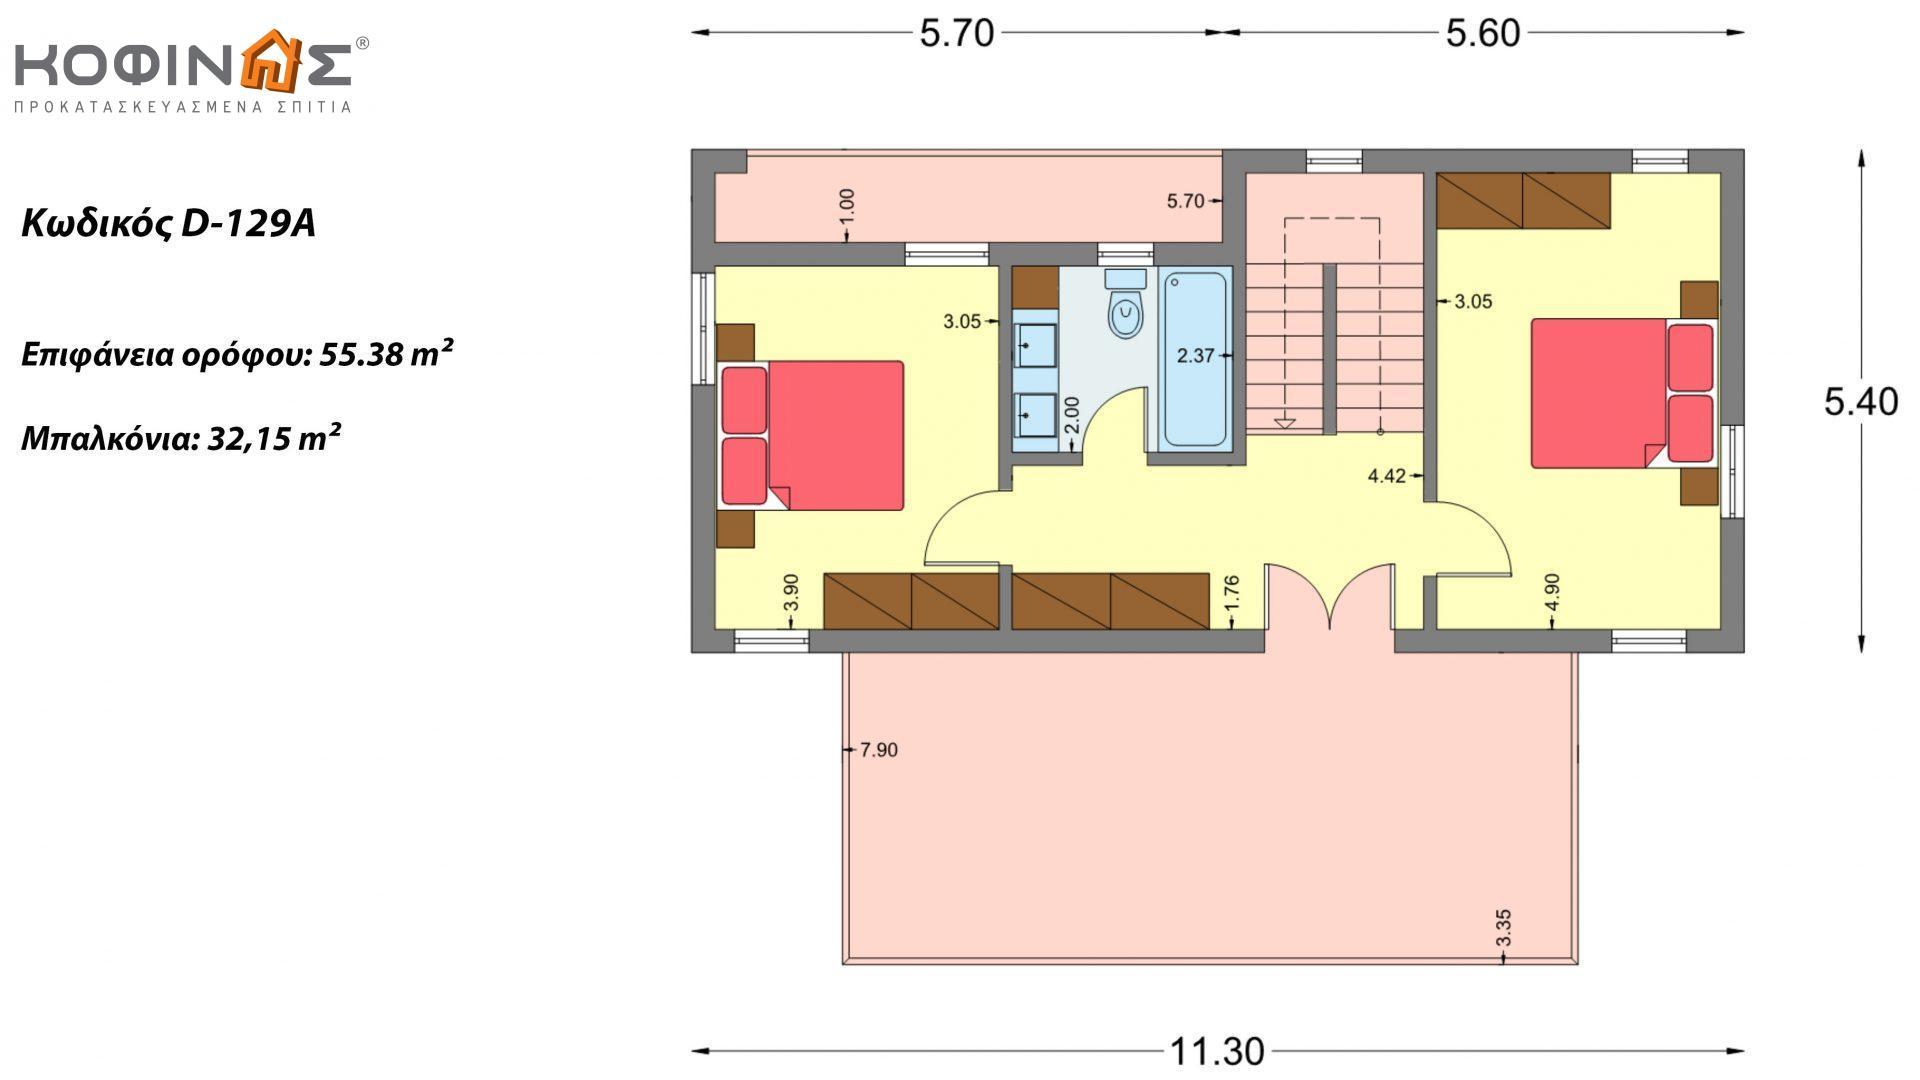 Διώροφη Κατοικία D-129A, συνολικής επιφάνειας 129.45 τ.μ. , συνολική επιφάνεια στεγασμένων χώρων 13.39 τ.μ., μπαλκόνια 32.15 τ.μ.